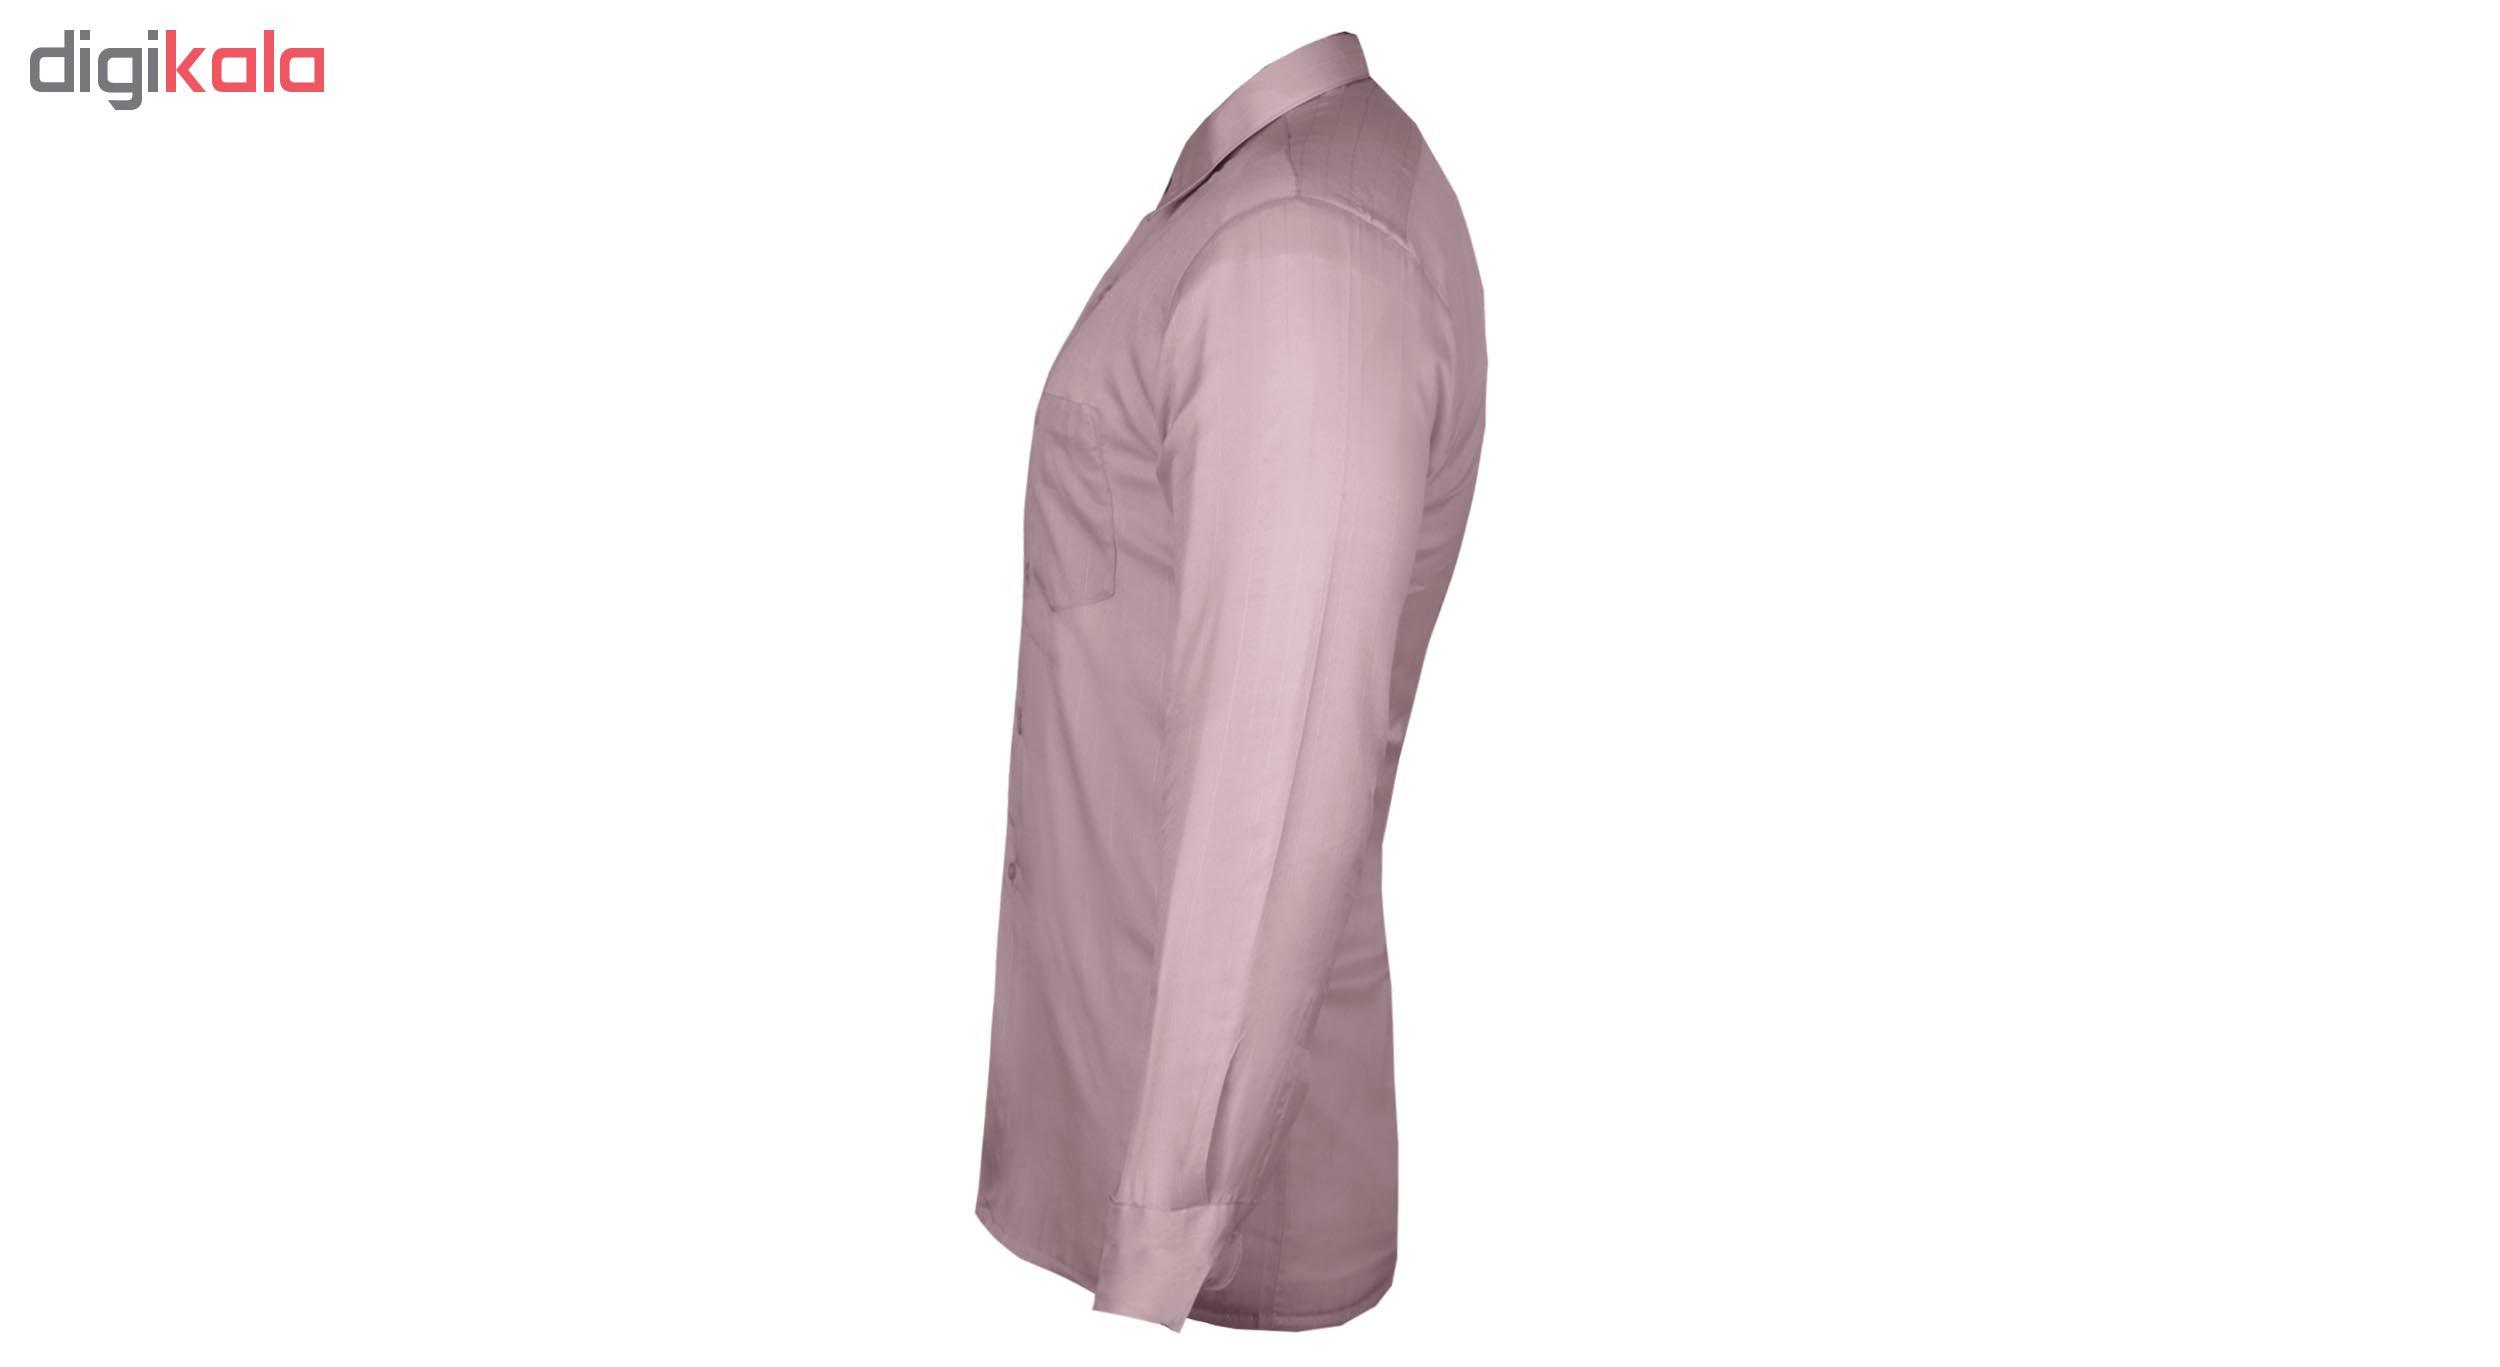 پیراهن مردانه کد PM003 رنگ صورتی